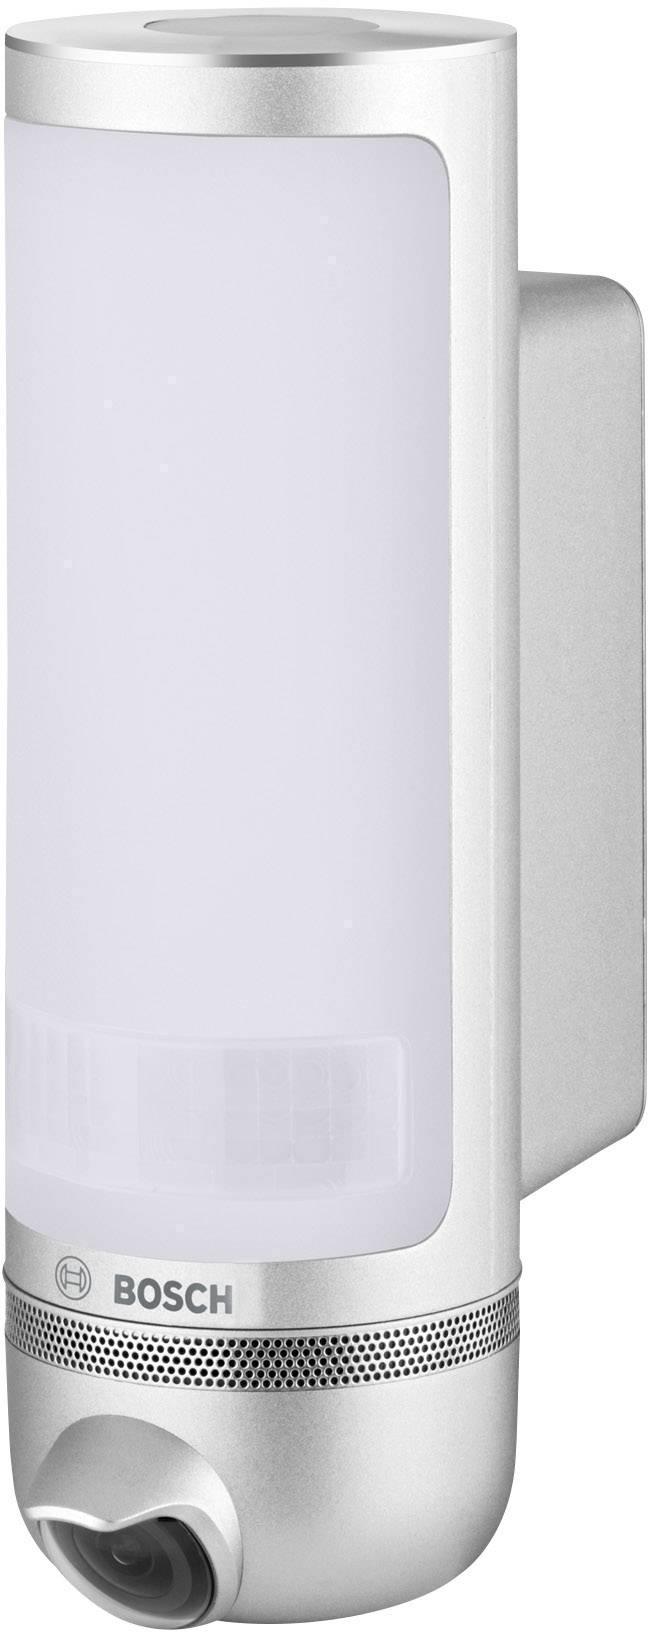 Vonkajšia bezpečnostná kamera a osvetlenie Bosch Smart Home Eyes F01U314889, s Wi-Fi